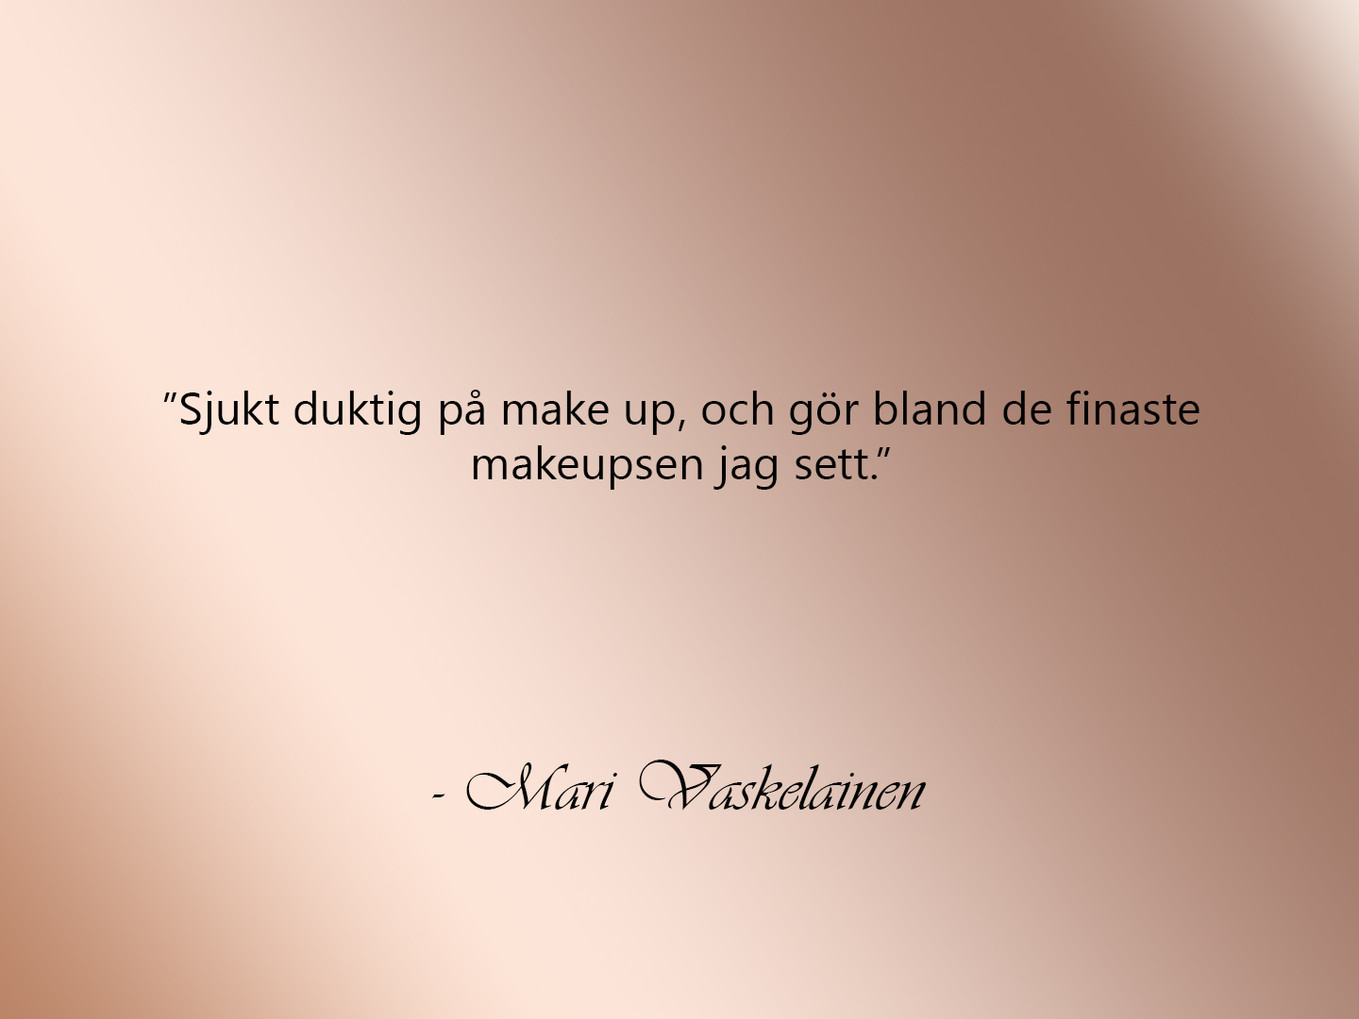 Mari Vaskelainen.jpg